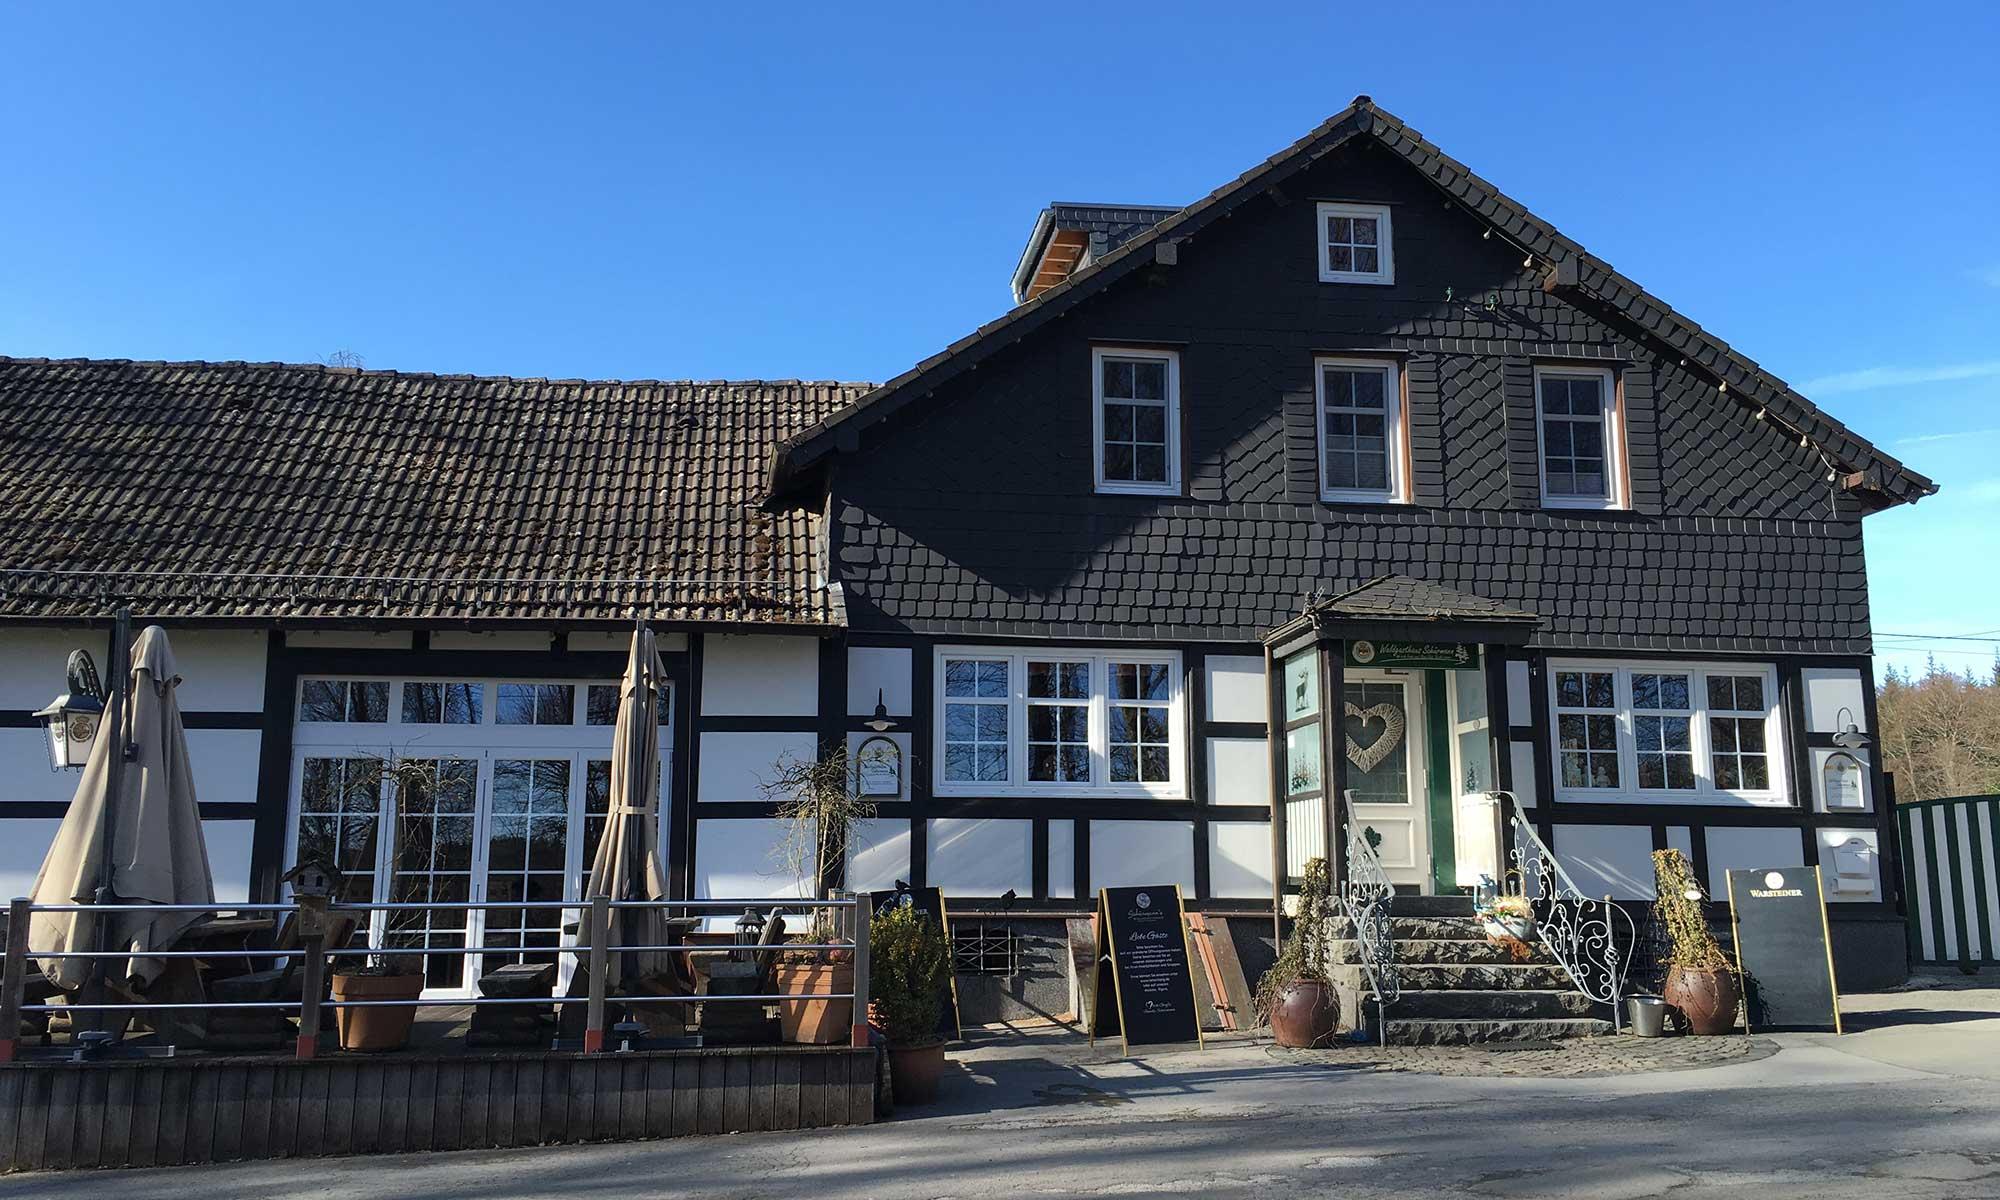 Gasthaus Lattenberg